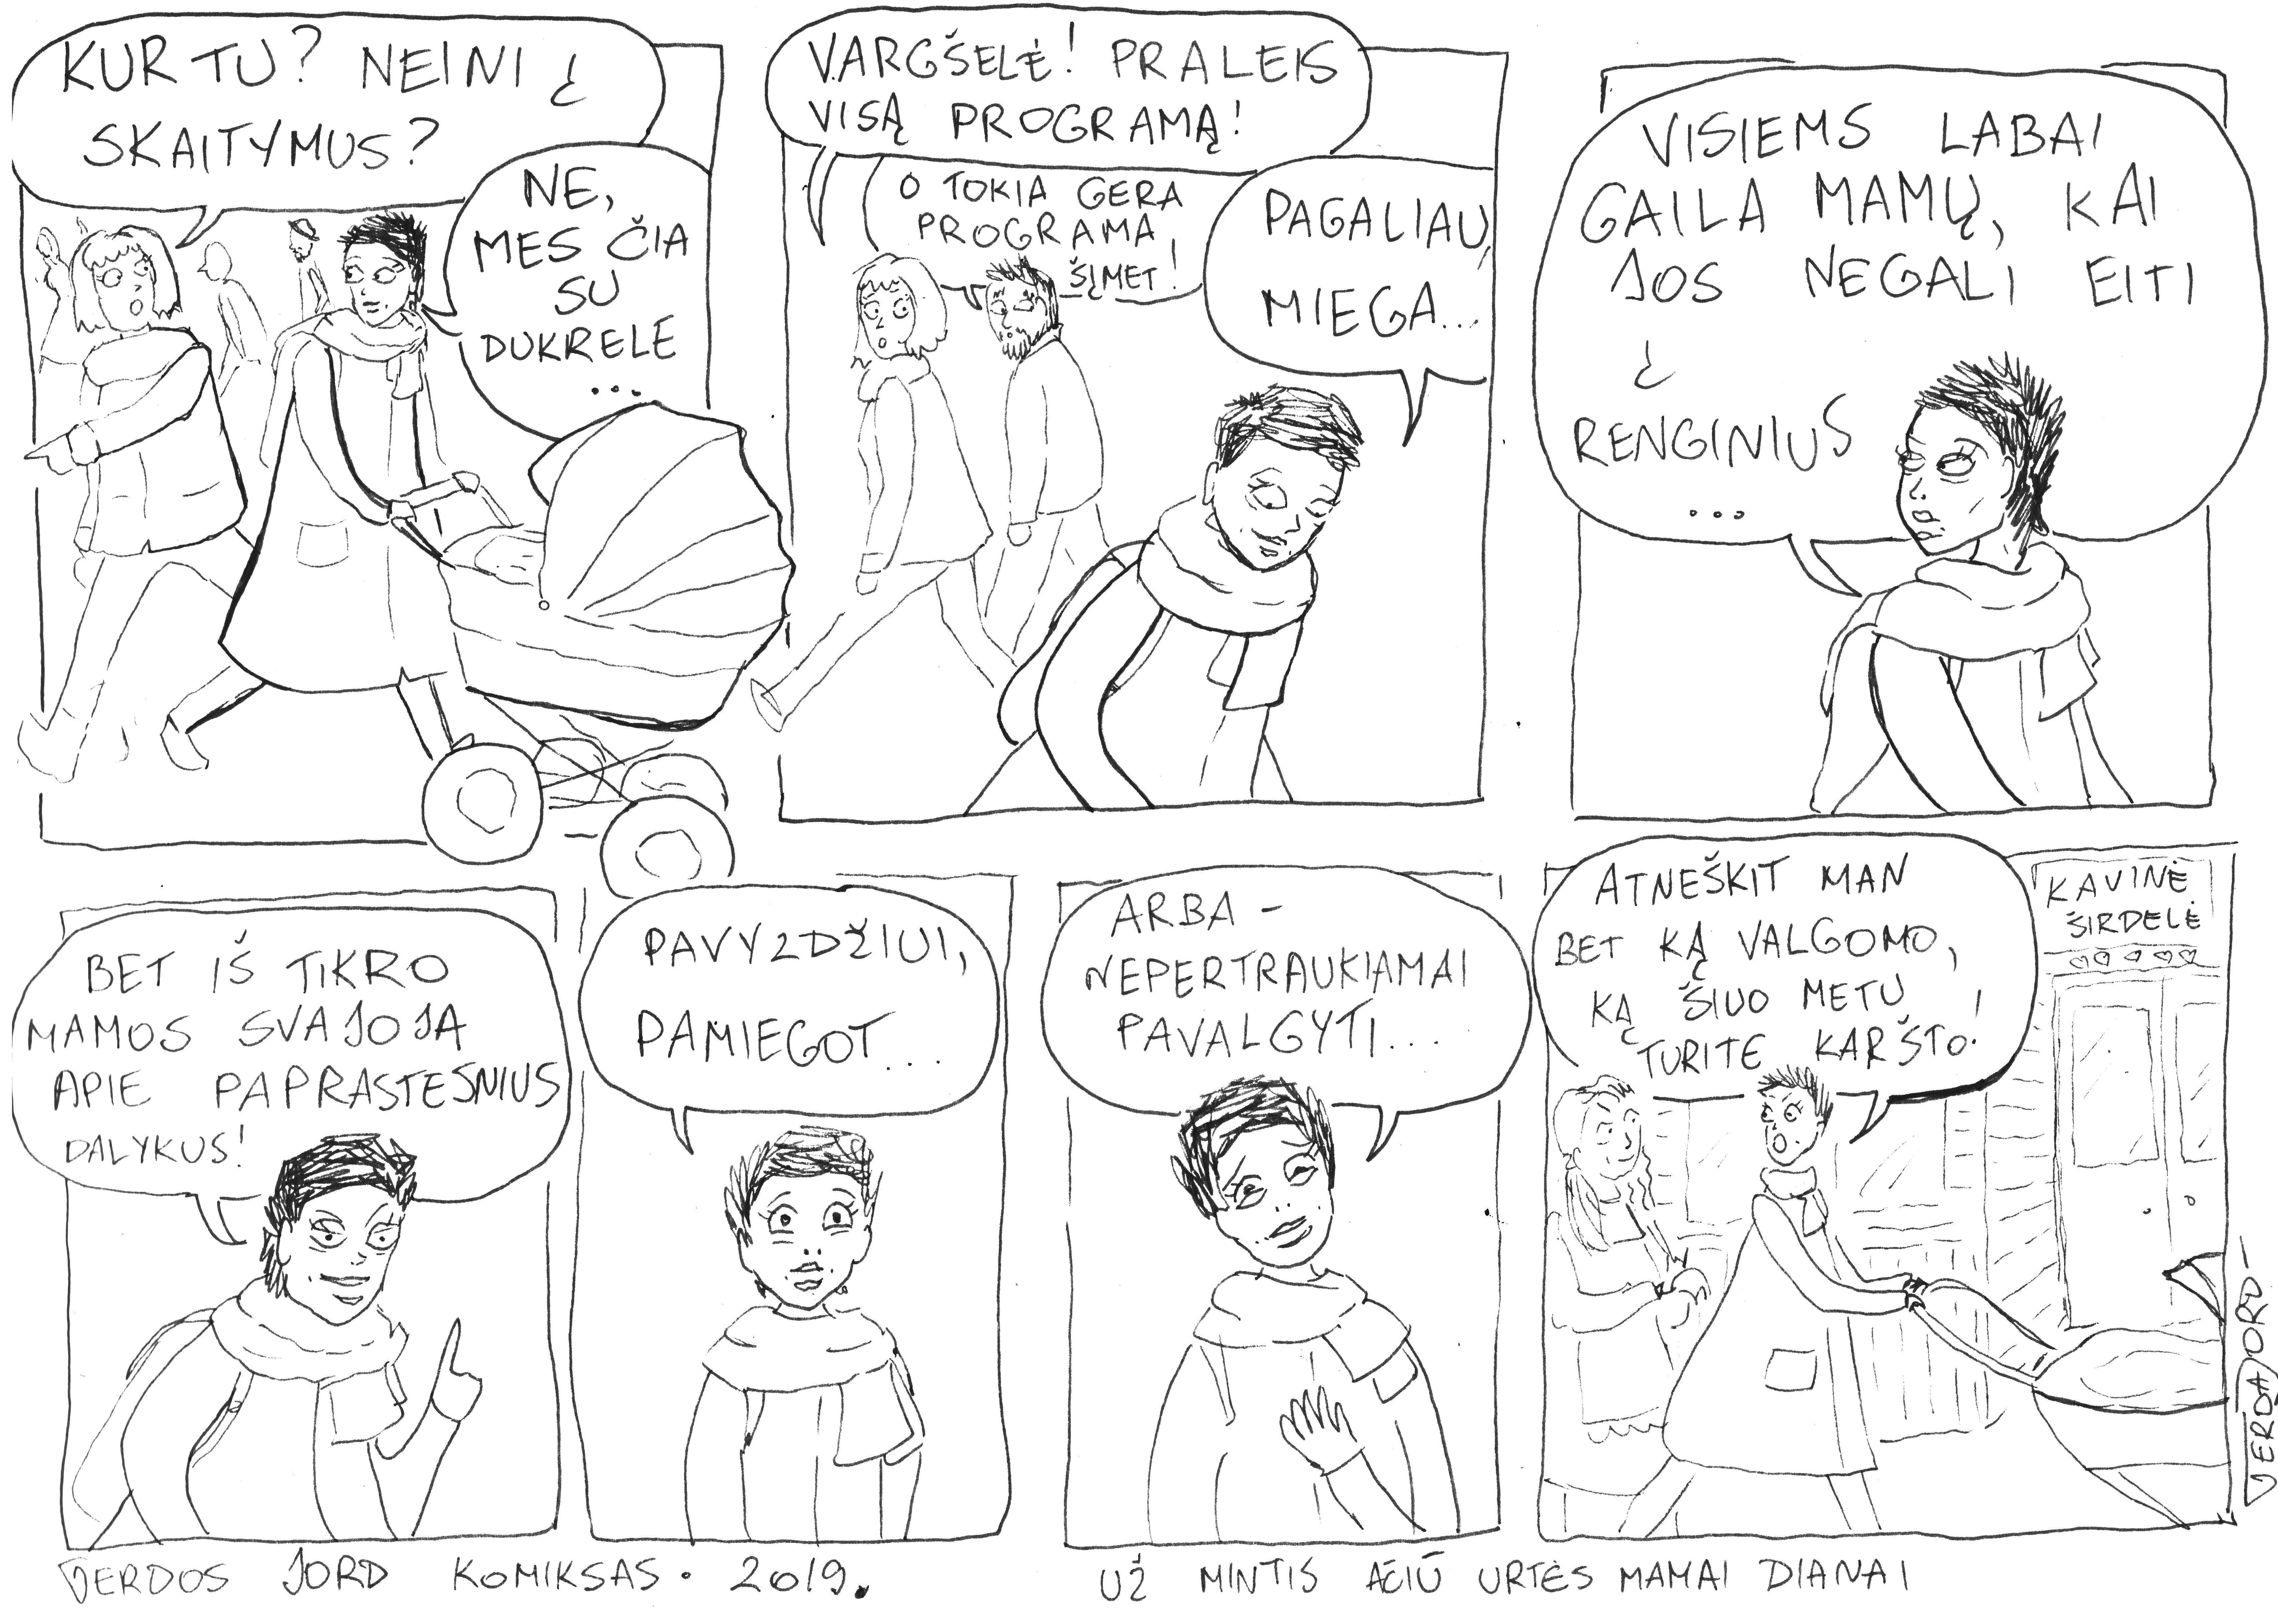 Gerdos Jord komiksas